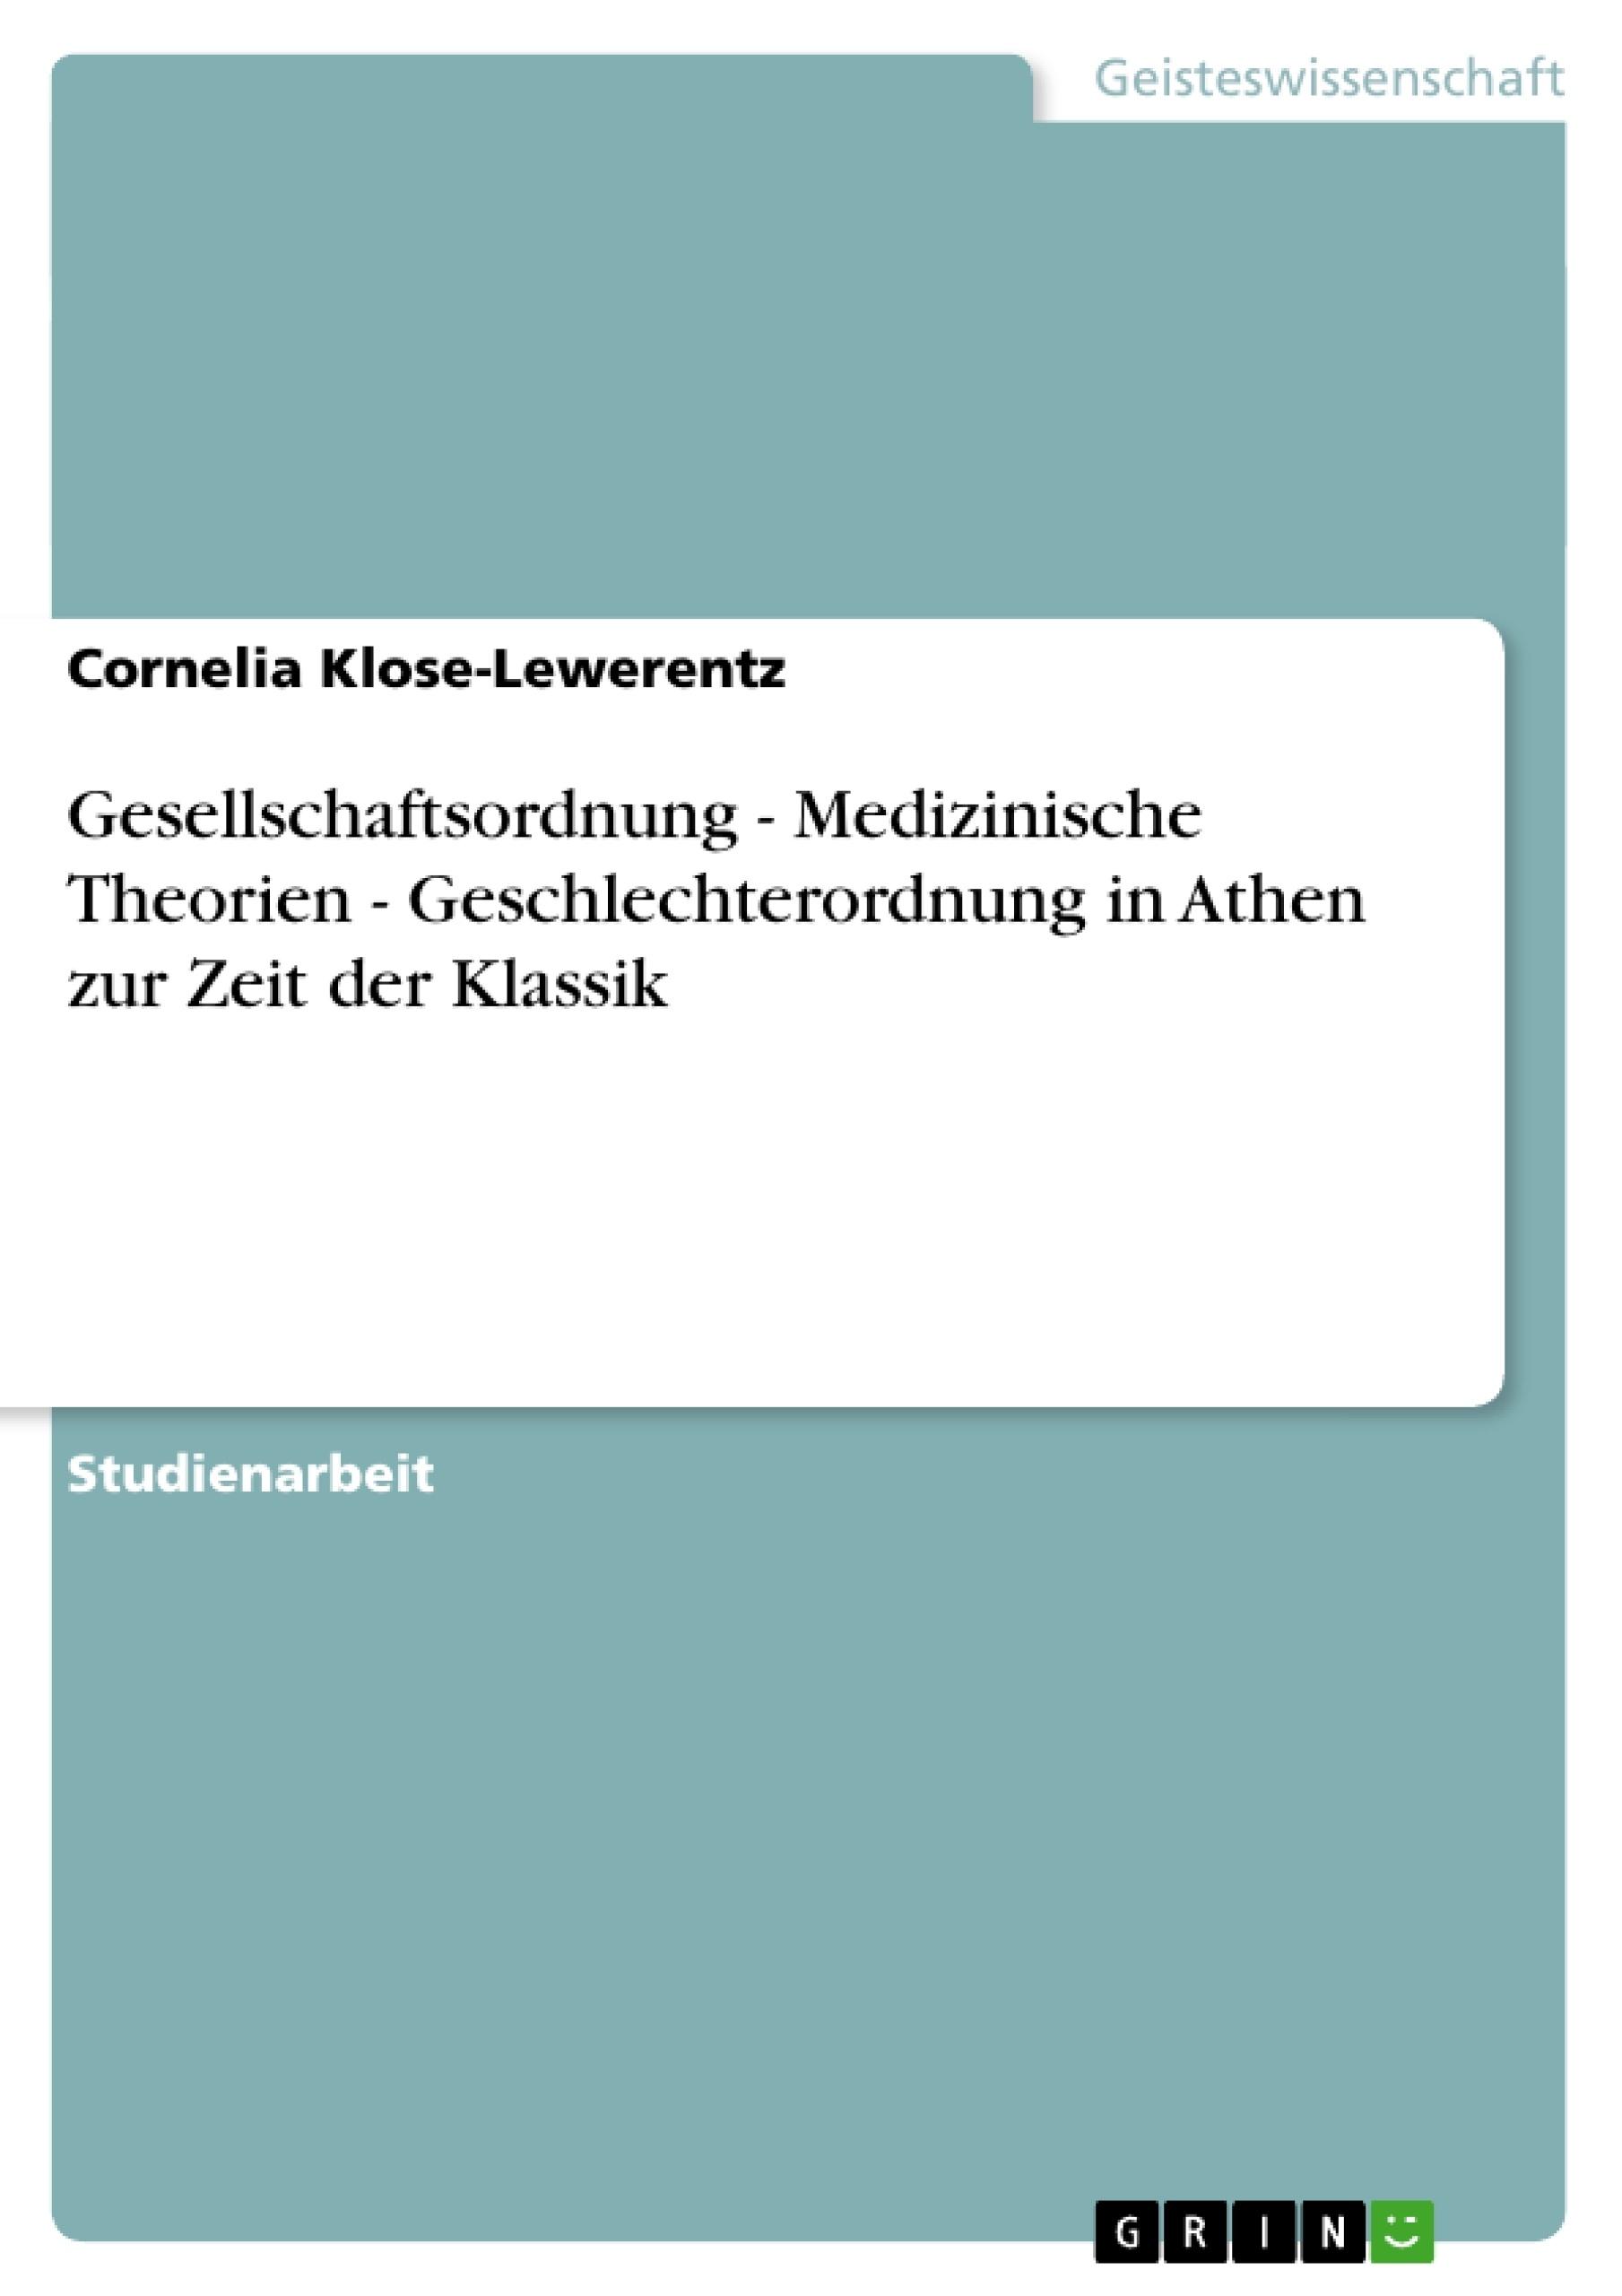 Titel: Gesellschaftsordnung - Medizinische Theorien - Geschlechterordnung in Athen zur Zeit der Klassik